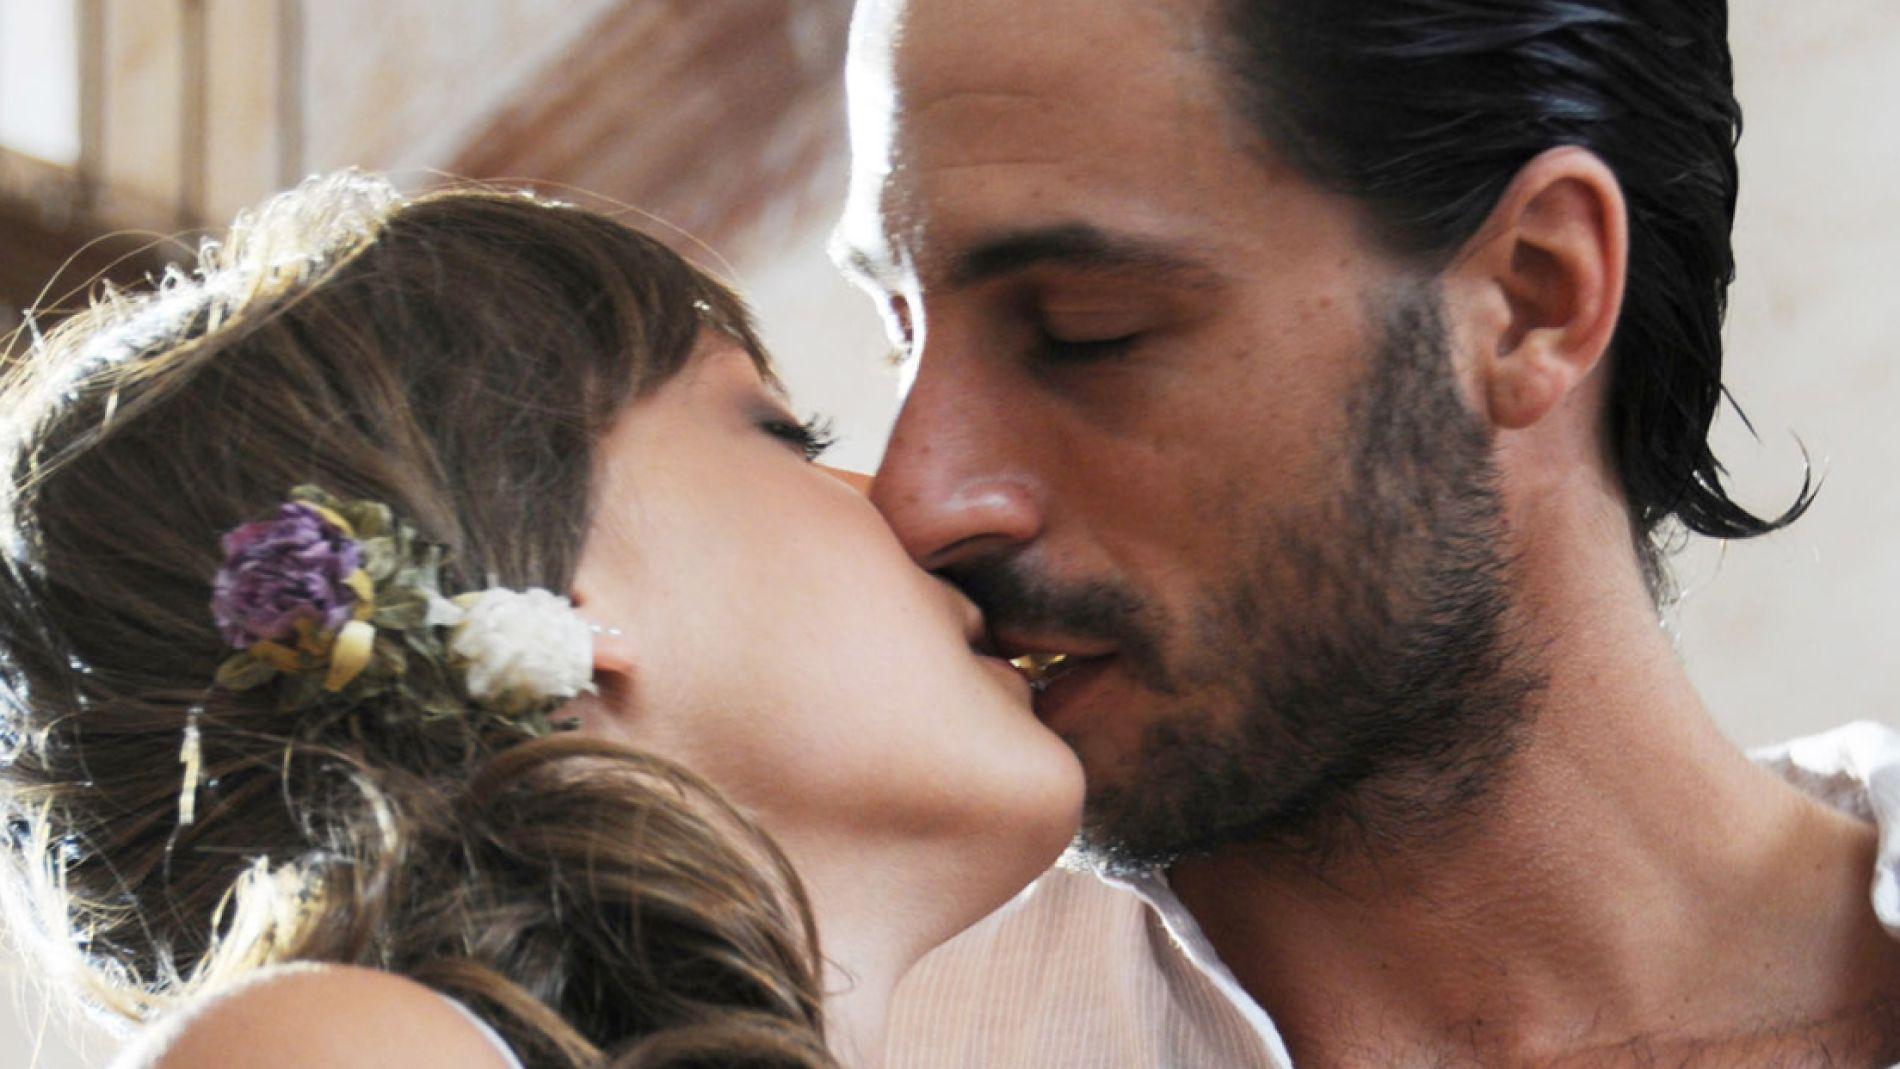 La boda de Lucas y Sara en 'Los hombres de Paco'